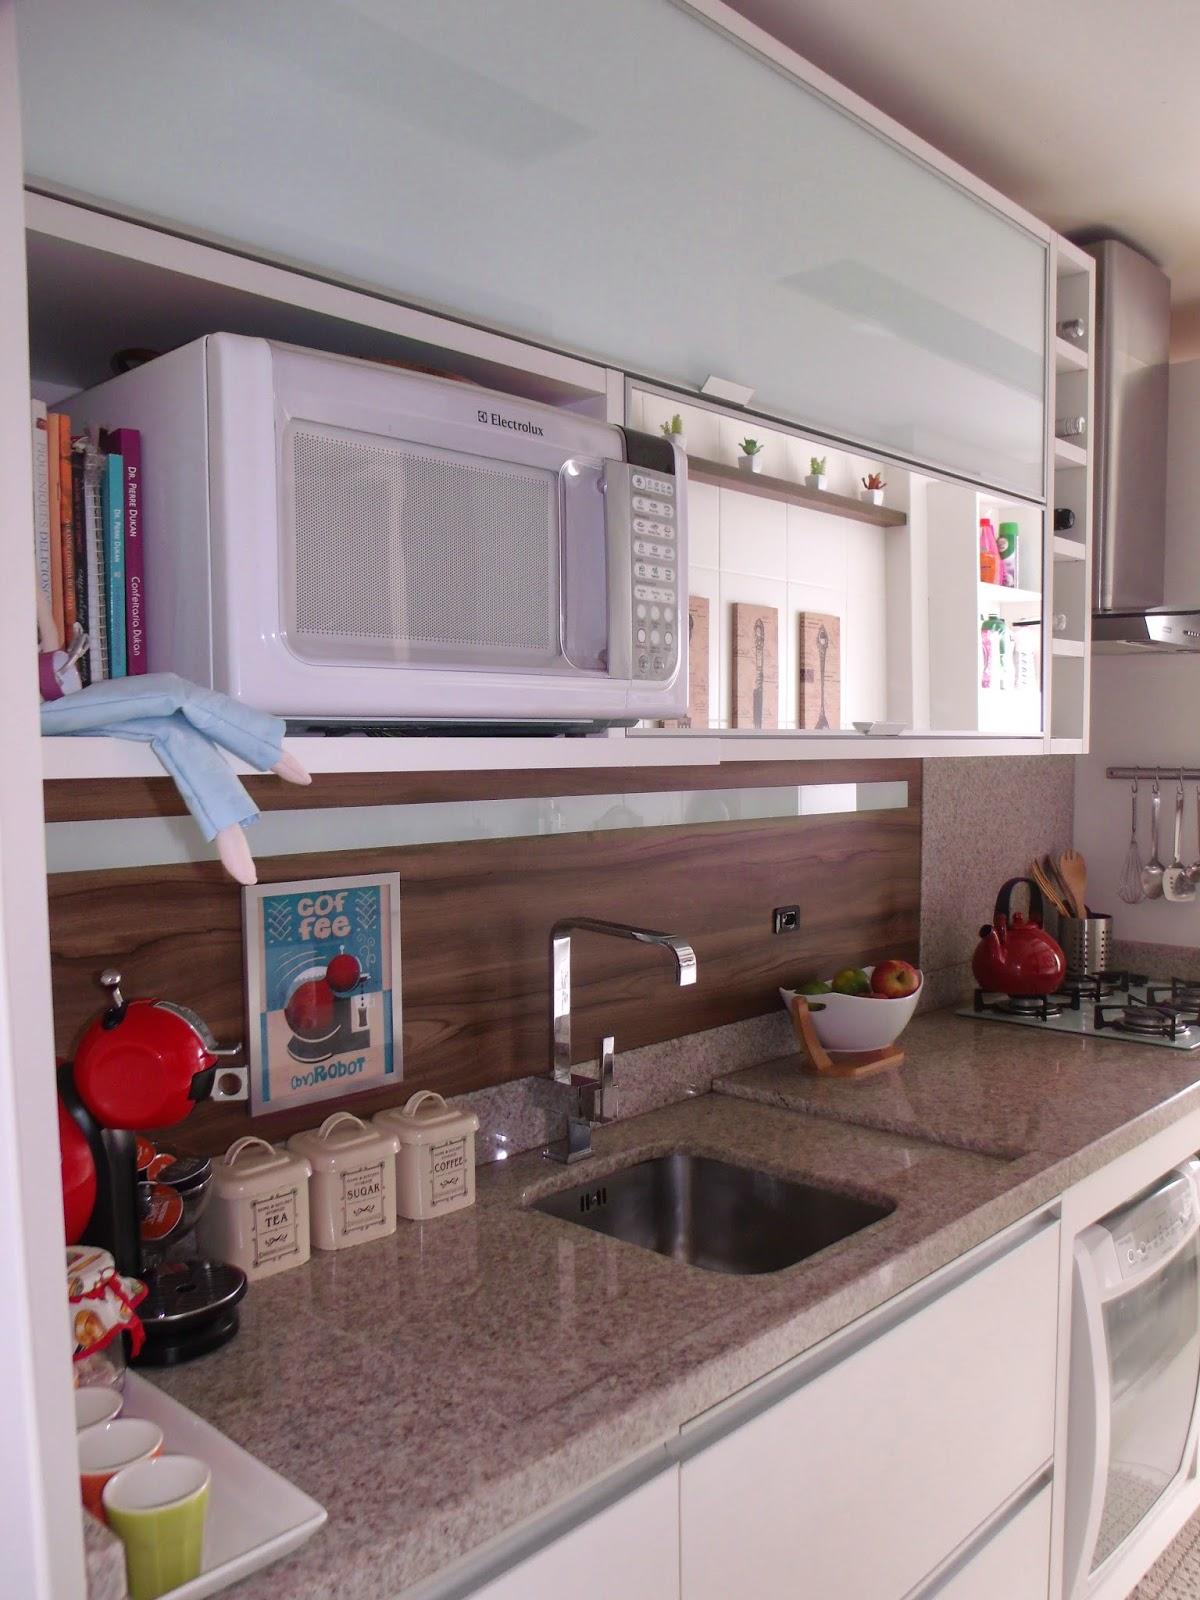 Tô Decorando por Jana Cassis!: Minha cozinha de cara nova! #68413F 1200 1600